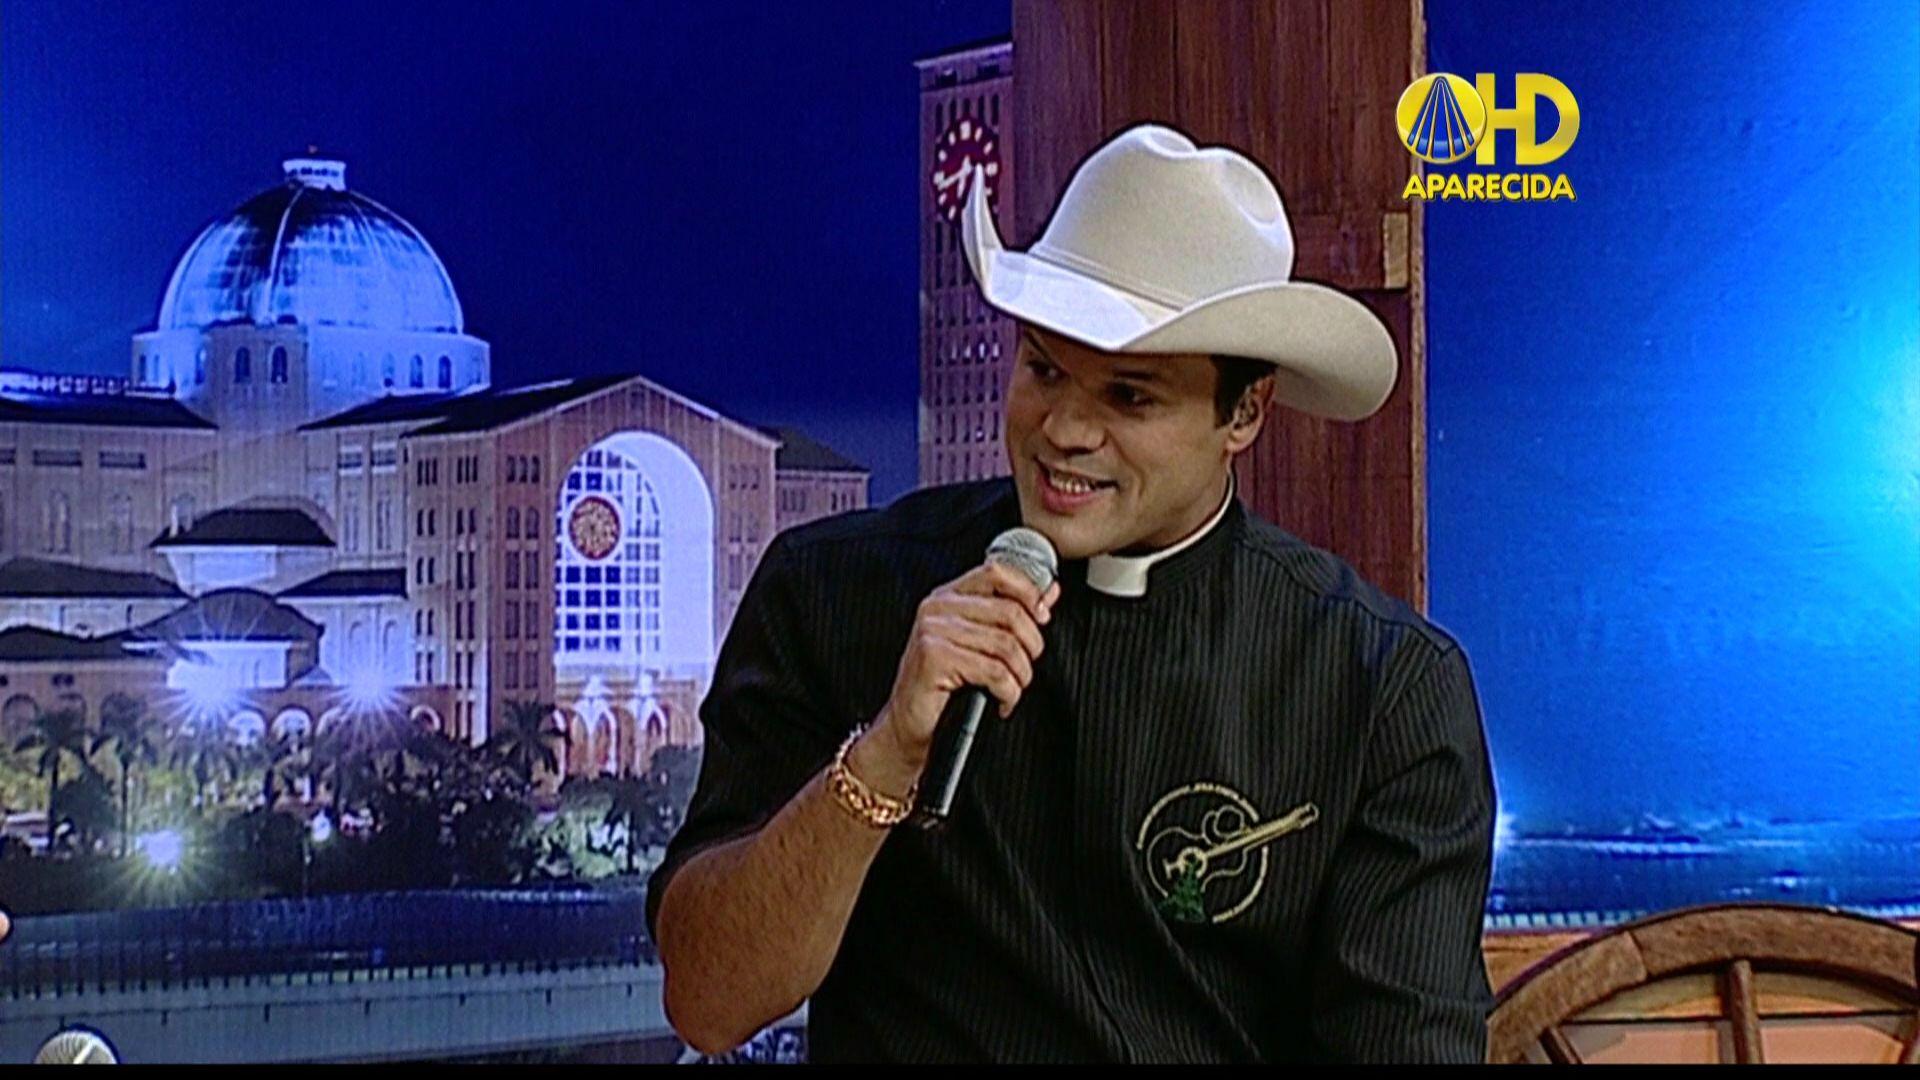 Artesanato Recife Pernambuco ~ Conecte na rede Santa Receita e Aparecida Sertaneja conquistam liderança na TV Aparecida